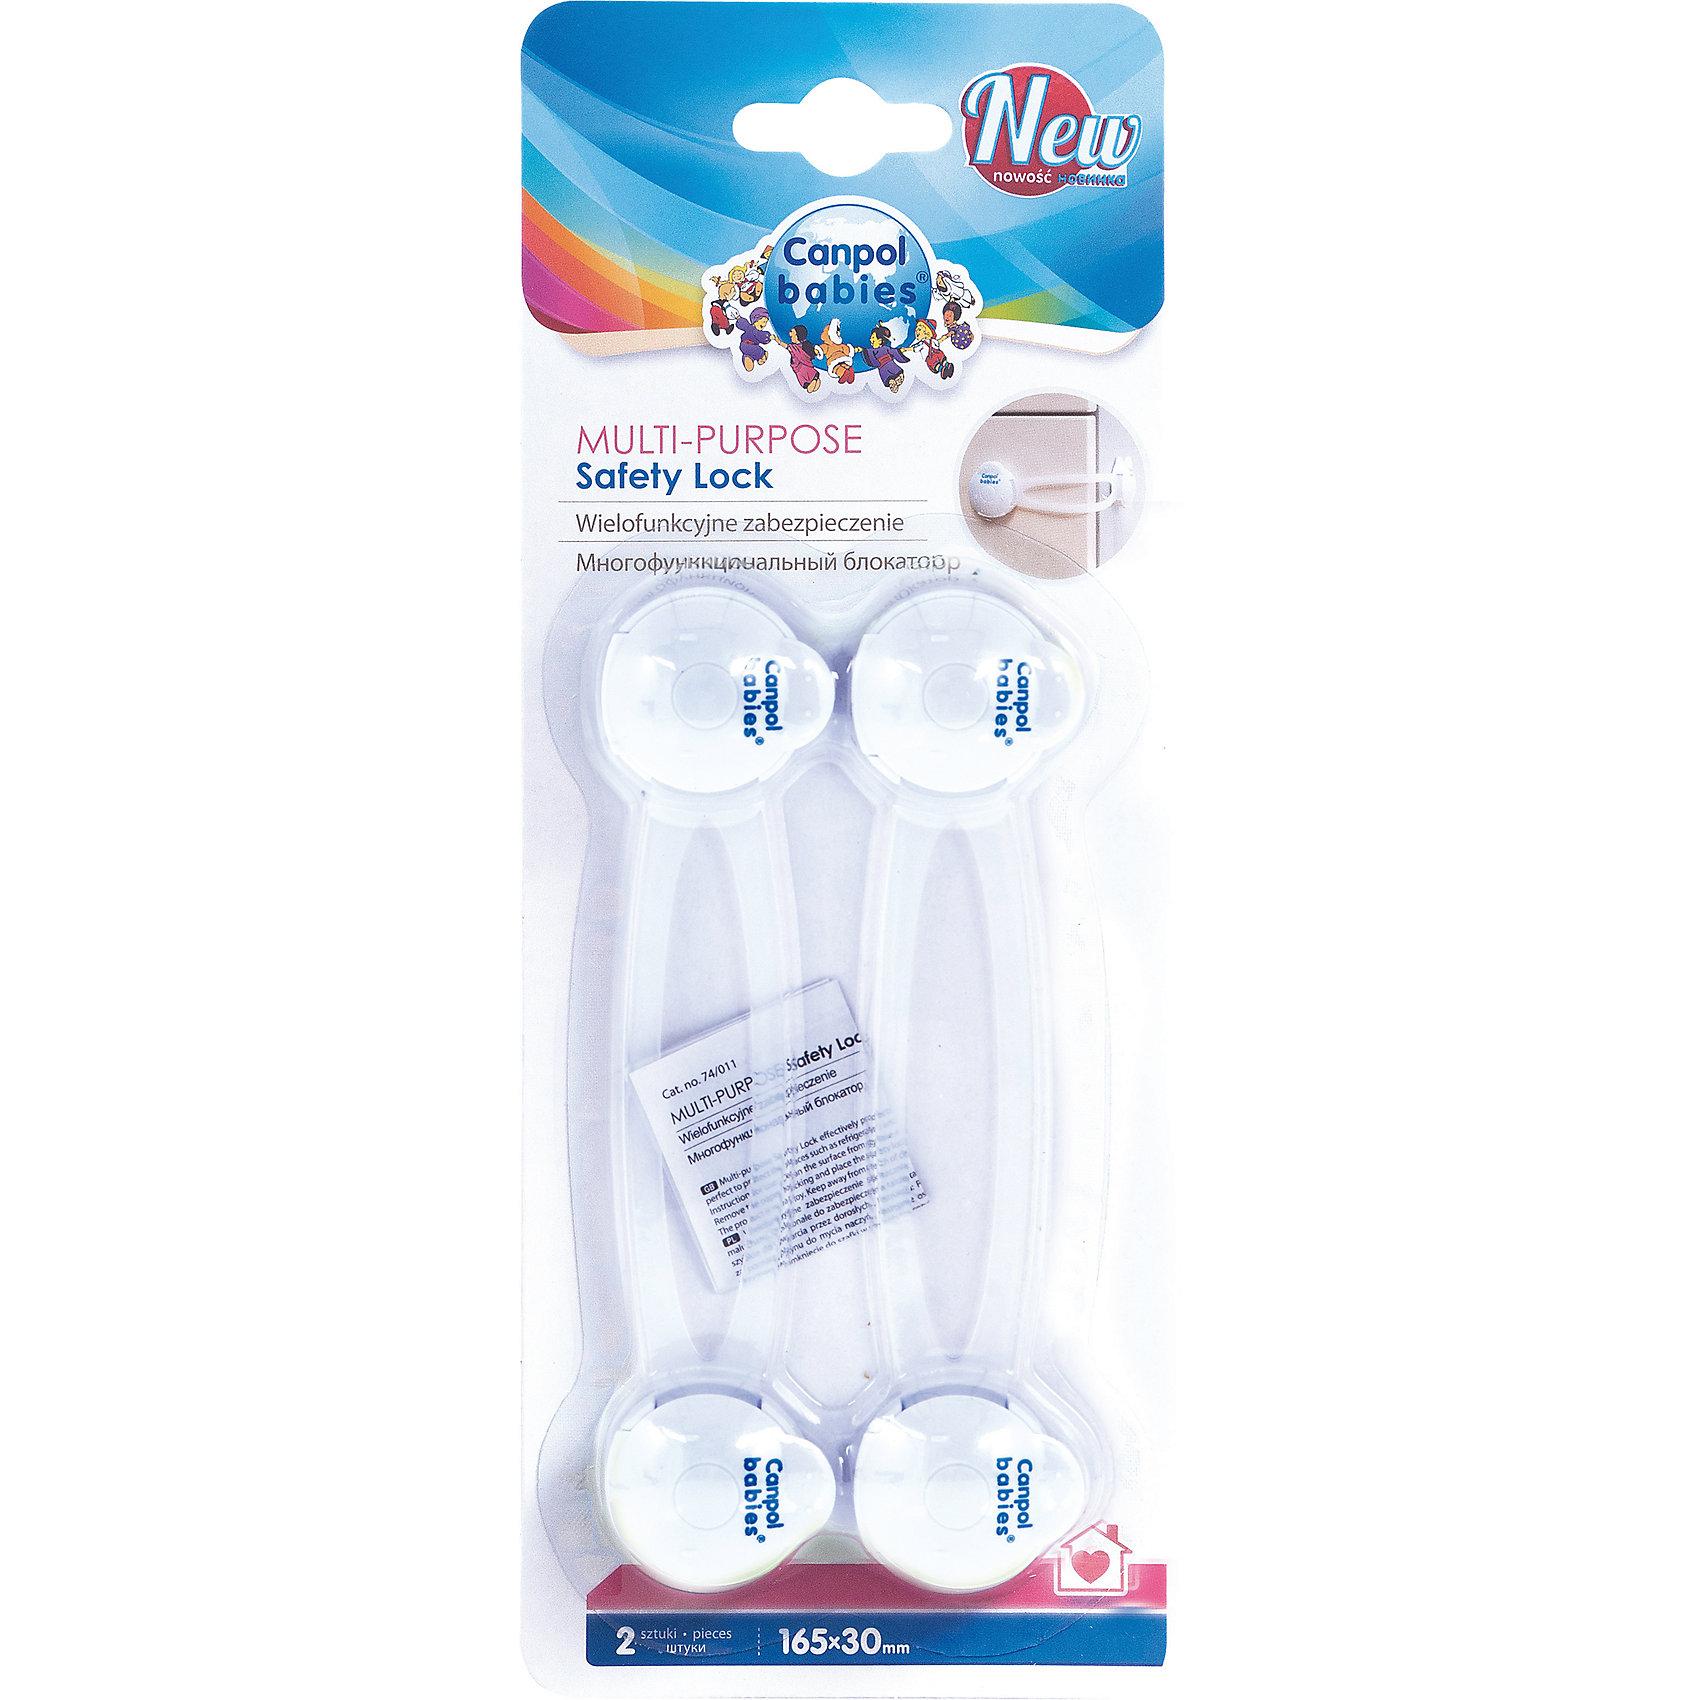 Блокатор многофункциональный 2 шт., Canpol Babies, белыйБлокирующие и защитные устройства для дома<br>Блокатор многофункциональный 2 шт., Canpol Babies (Канпол Бейбис), белый. <br><br>Характеристики:<br>• Материал: пластик.<br>• Цвет: белый.<br>• В комплекте 2 шт.<br><br>Блокатор многофункциональный 2 шт., Canpol Babies (Канпол Бейбис) предназначен  для защиты малышей. Крепится на  двери и ящики мебели. Подходит также для холодильников и унитазов.<br>Сделайте свой дом безопасным для вашего любопытного малыша!<br><br>Блокатор многофункциональный 2 шт., Canpol Babies (Канпол Бейбис), белый можно купить в нашем интернет - магазине.<br><br>Ширина мм: 105<br>Глубина мм: 15<br>Высота мм: 275<br>Вес г: 280<br>Возраст от месяцев: 0<br>Возраст до месяцев: 36<br>Пол: Унисекс<br>Возраст: Детский<br>SKU: 5156824